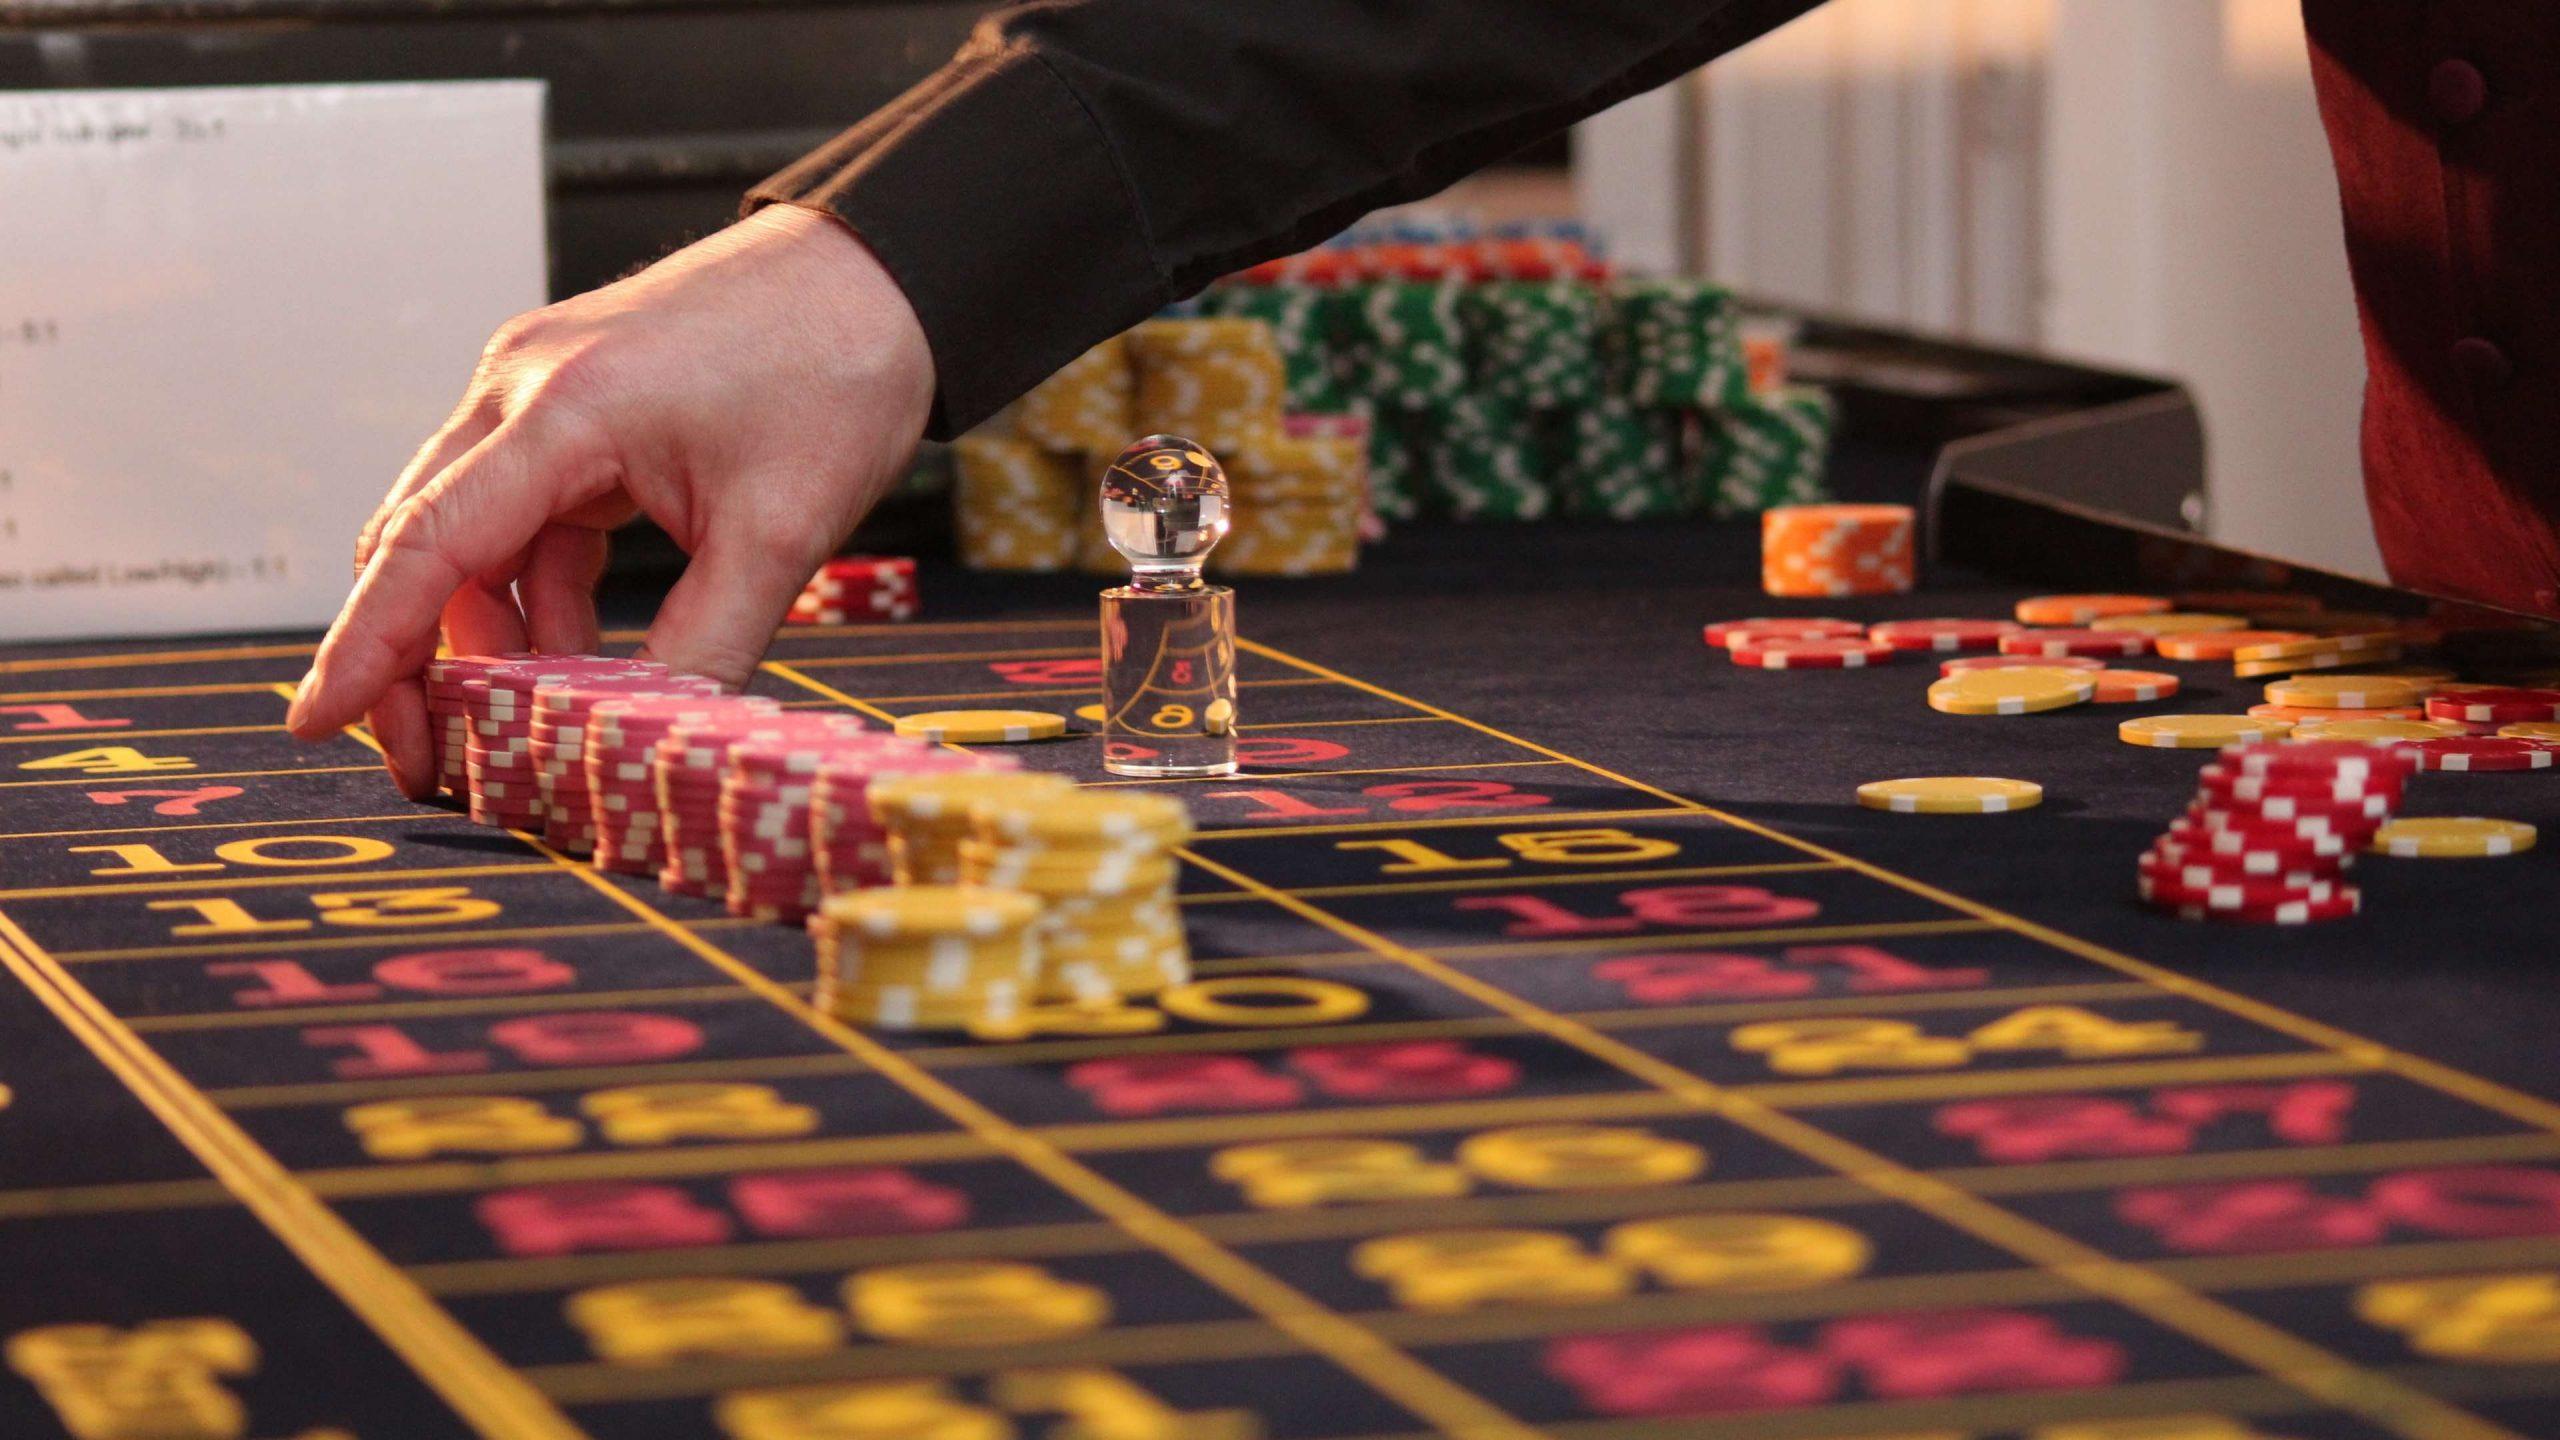 Why Has Online Gambling Been Popular?